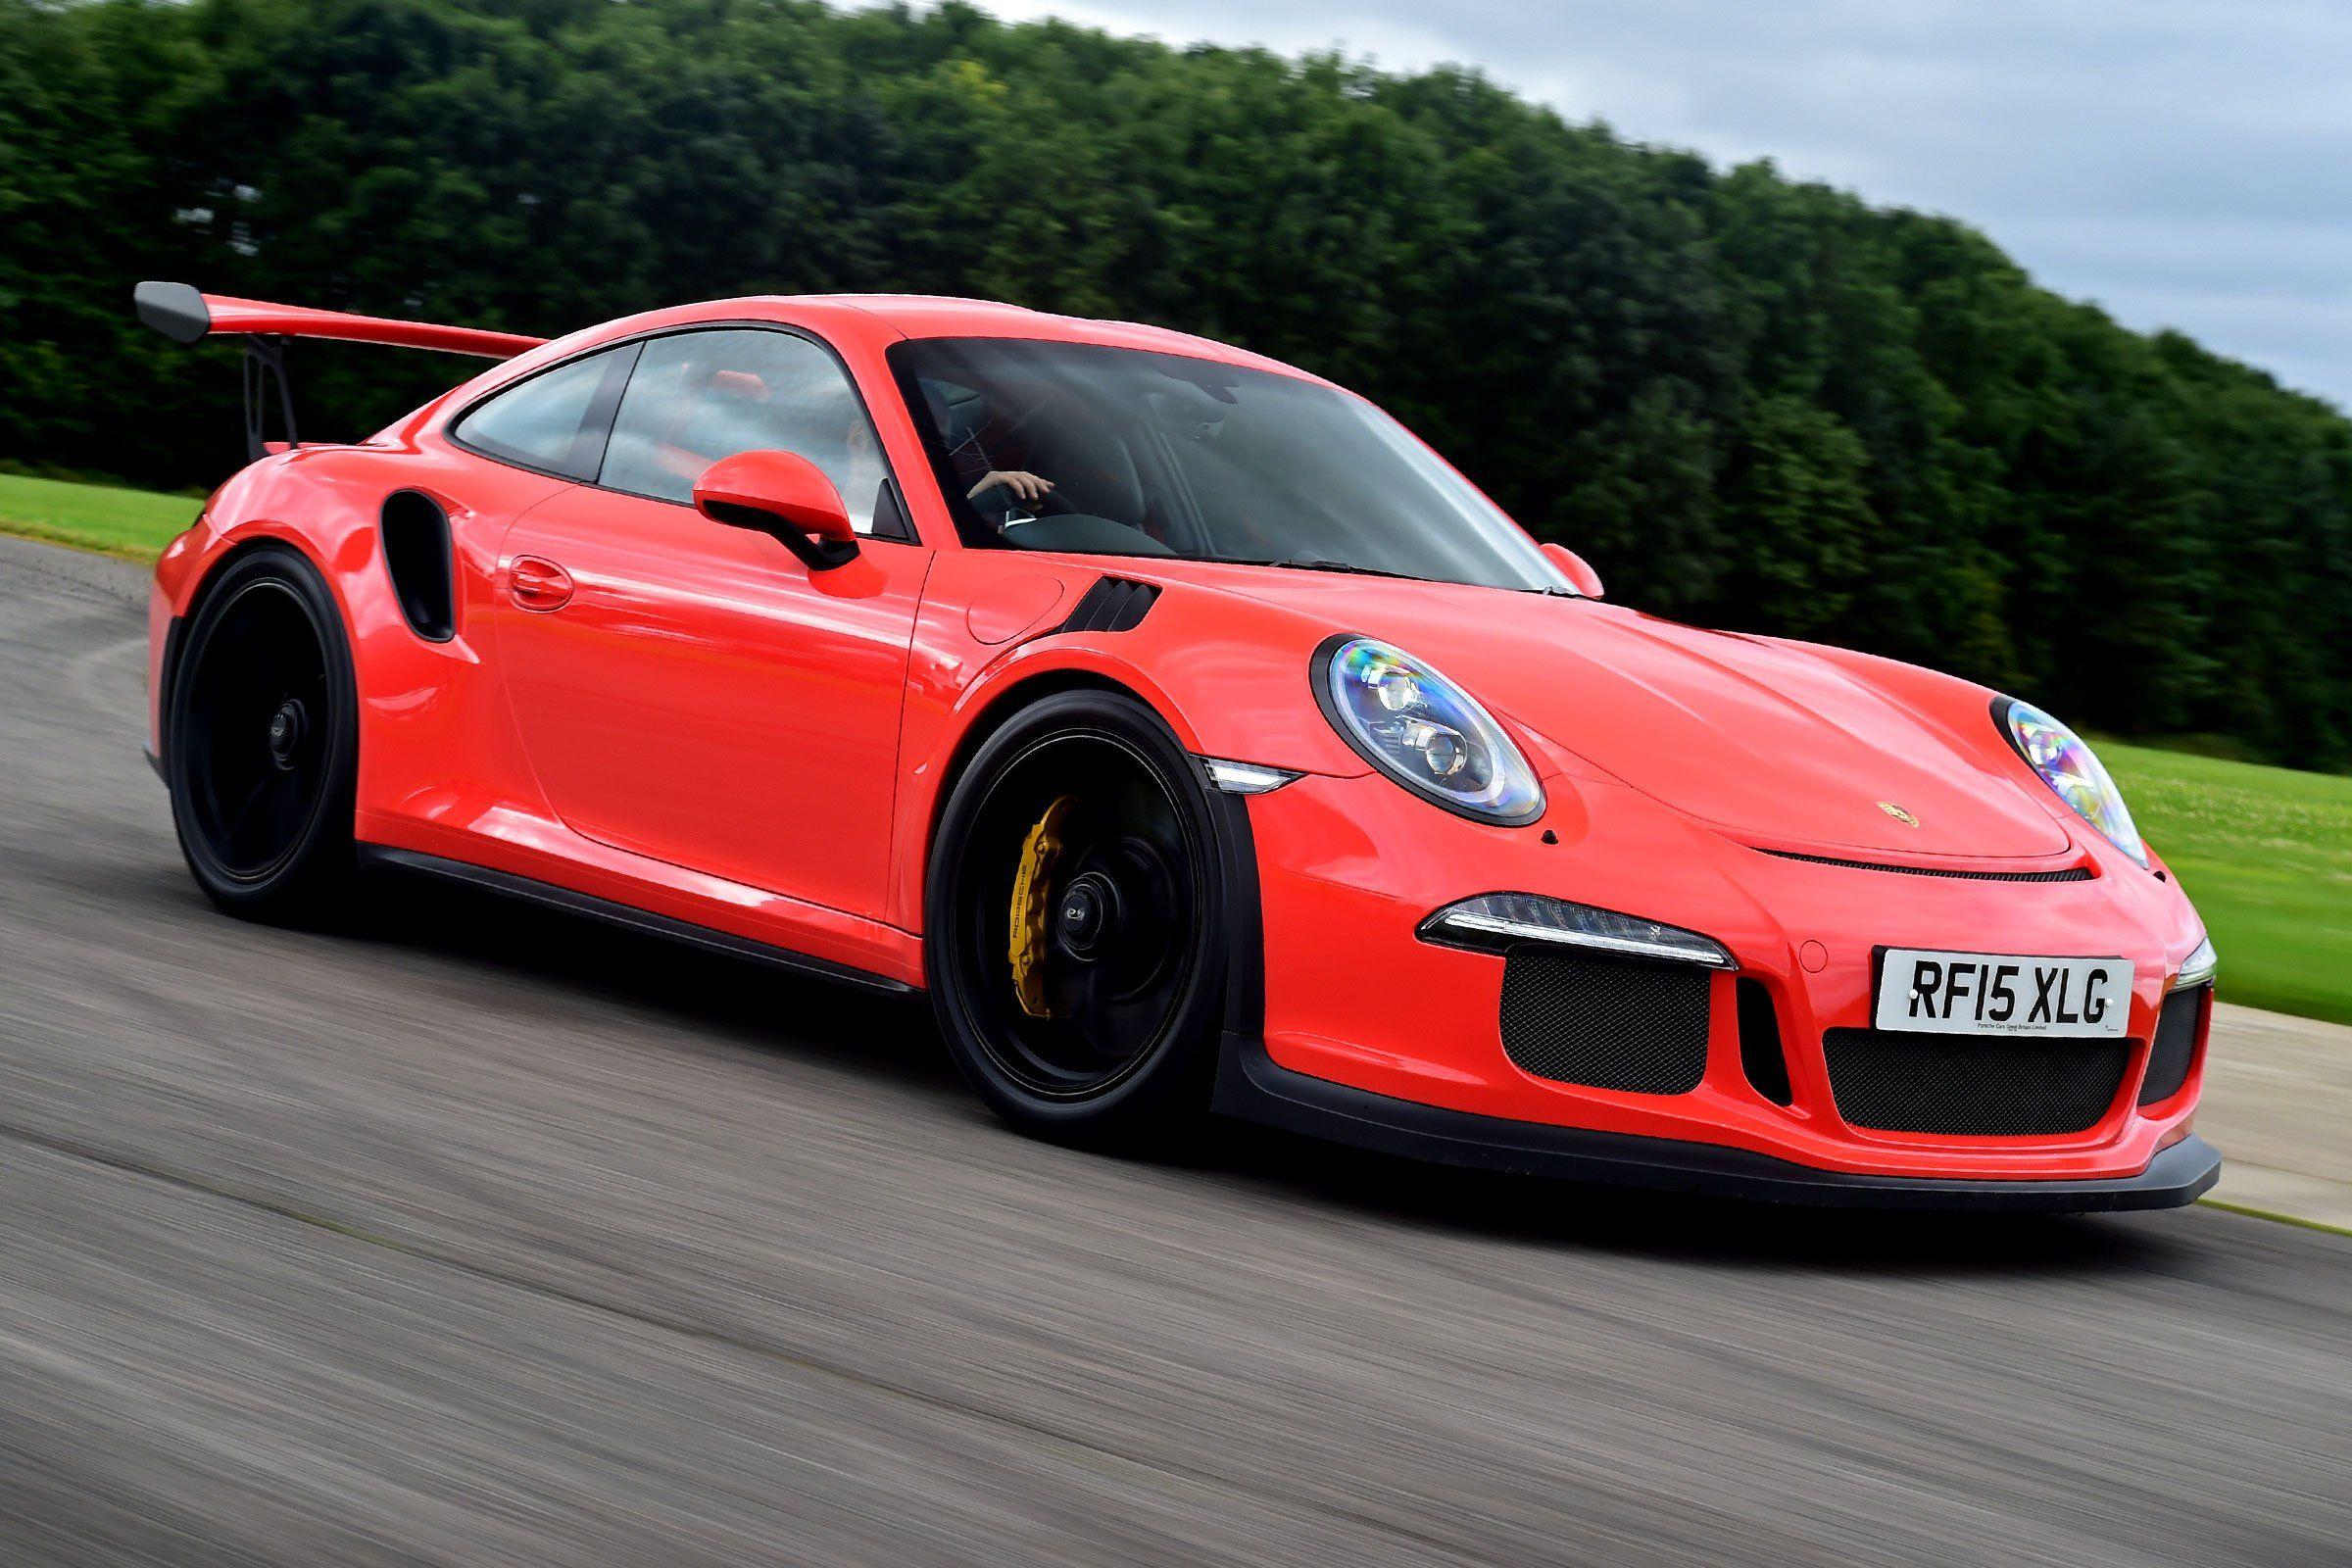 Porsche GT Wallpapers Wallpaper | HD Wallpapers | Pinterest | Hd ...